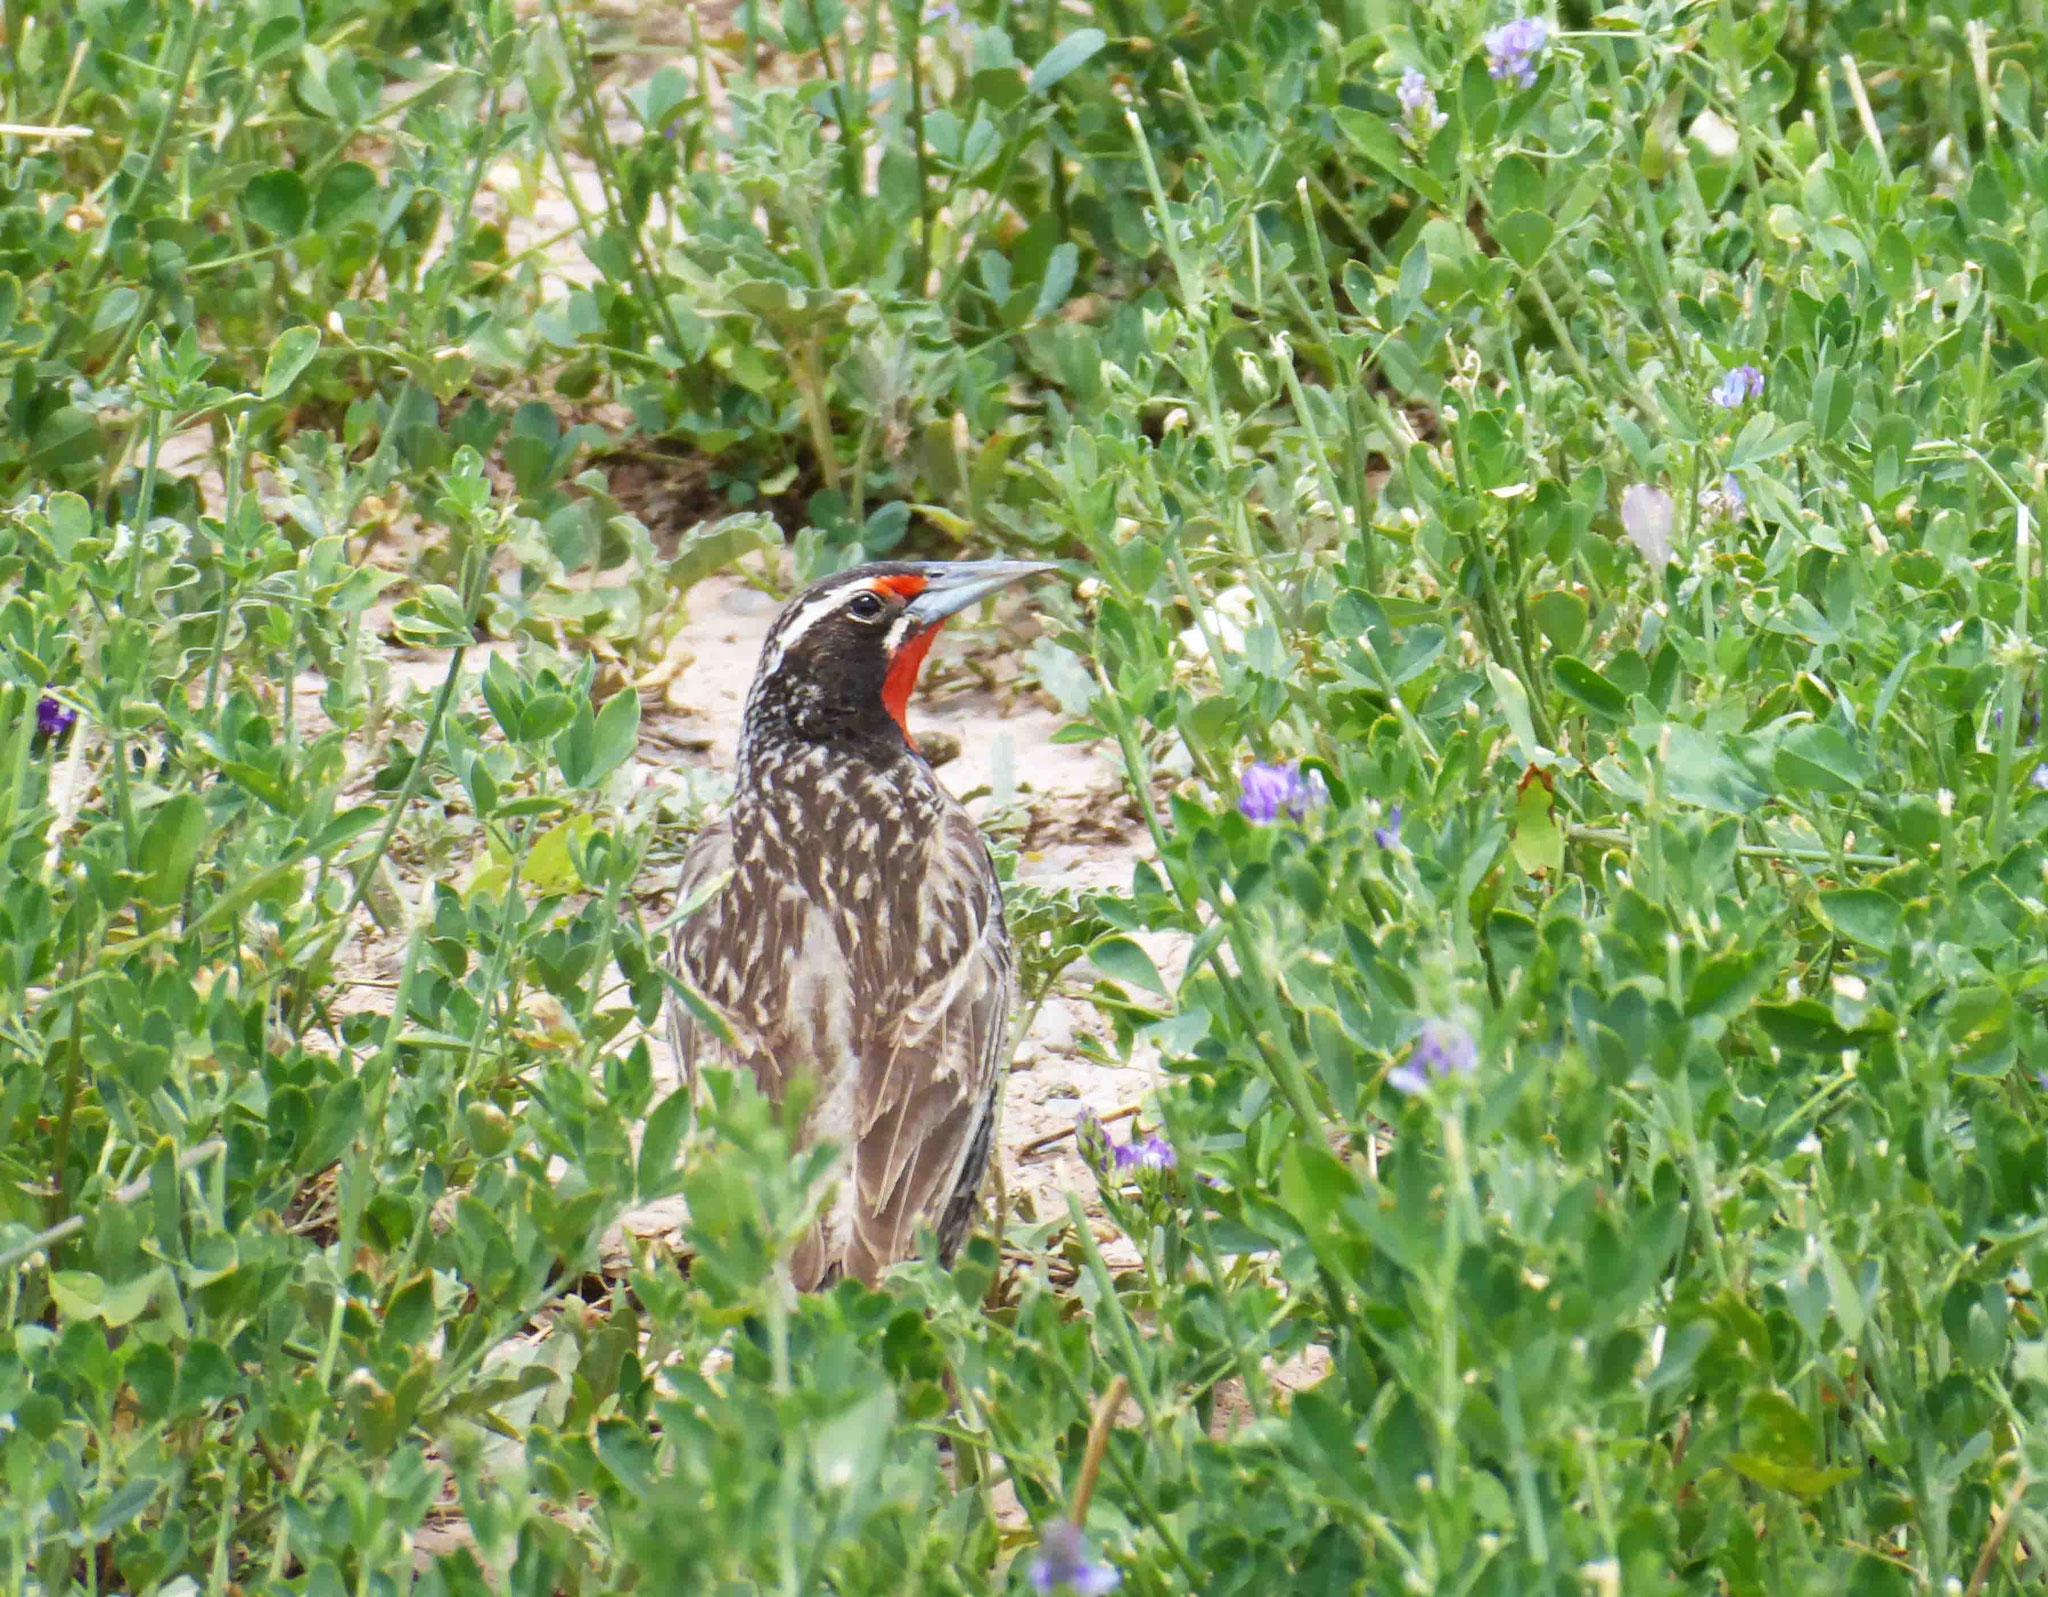 Variété de pic champêtre (Carpintero) surpris dans les herbes hautes